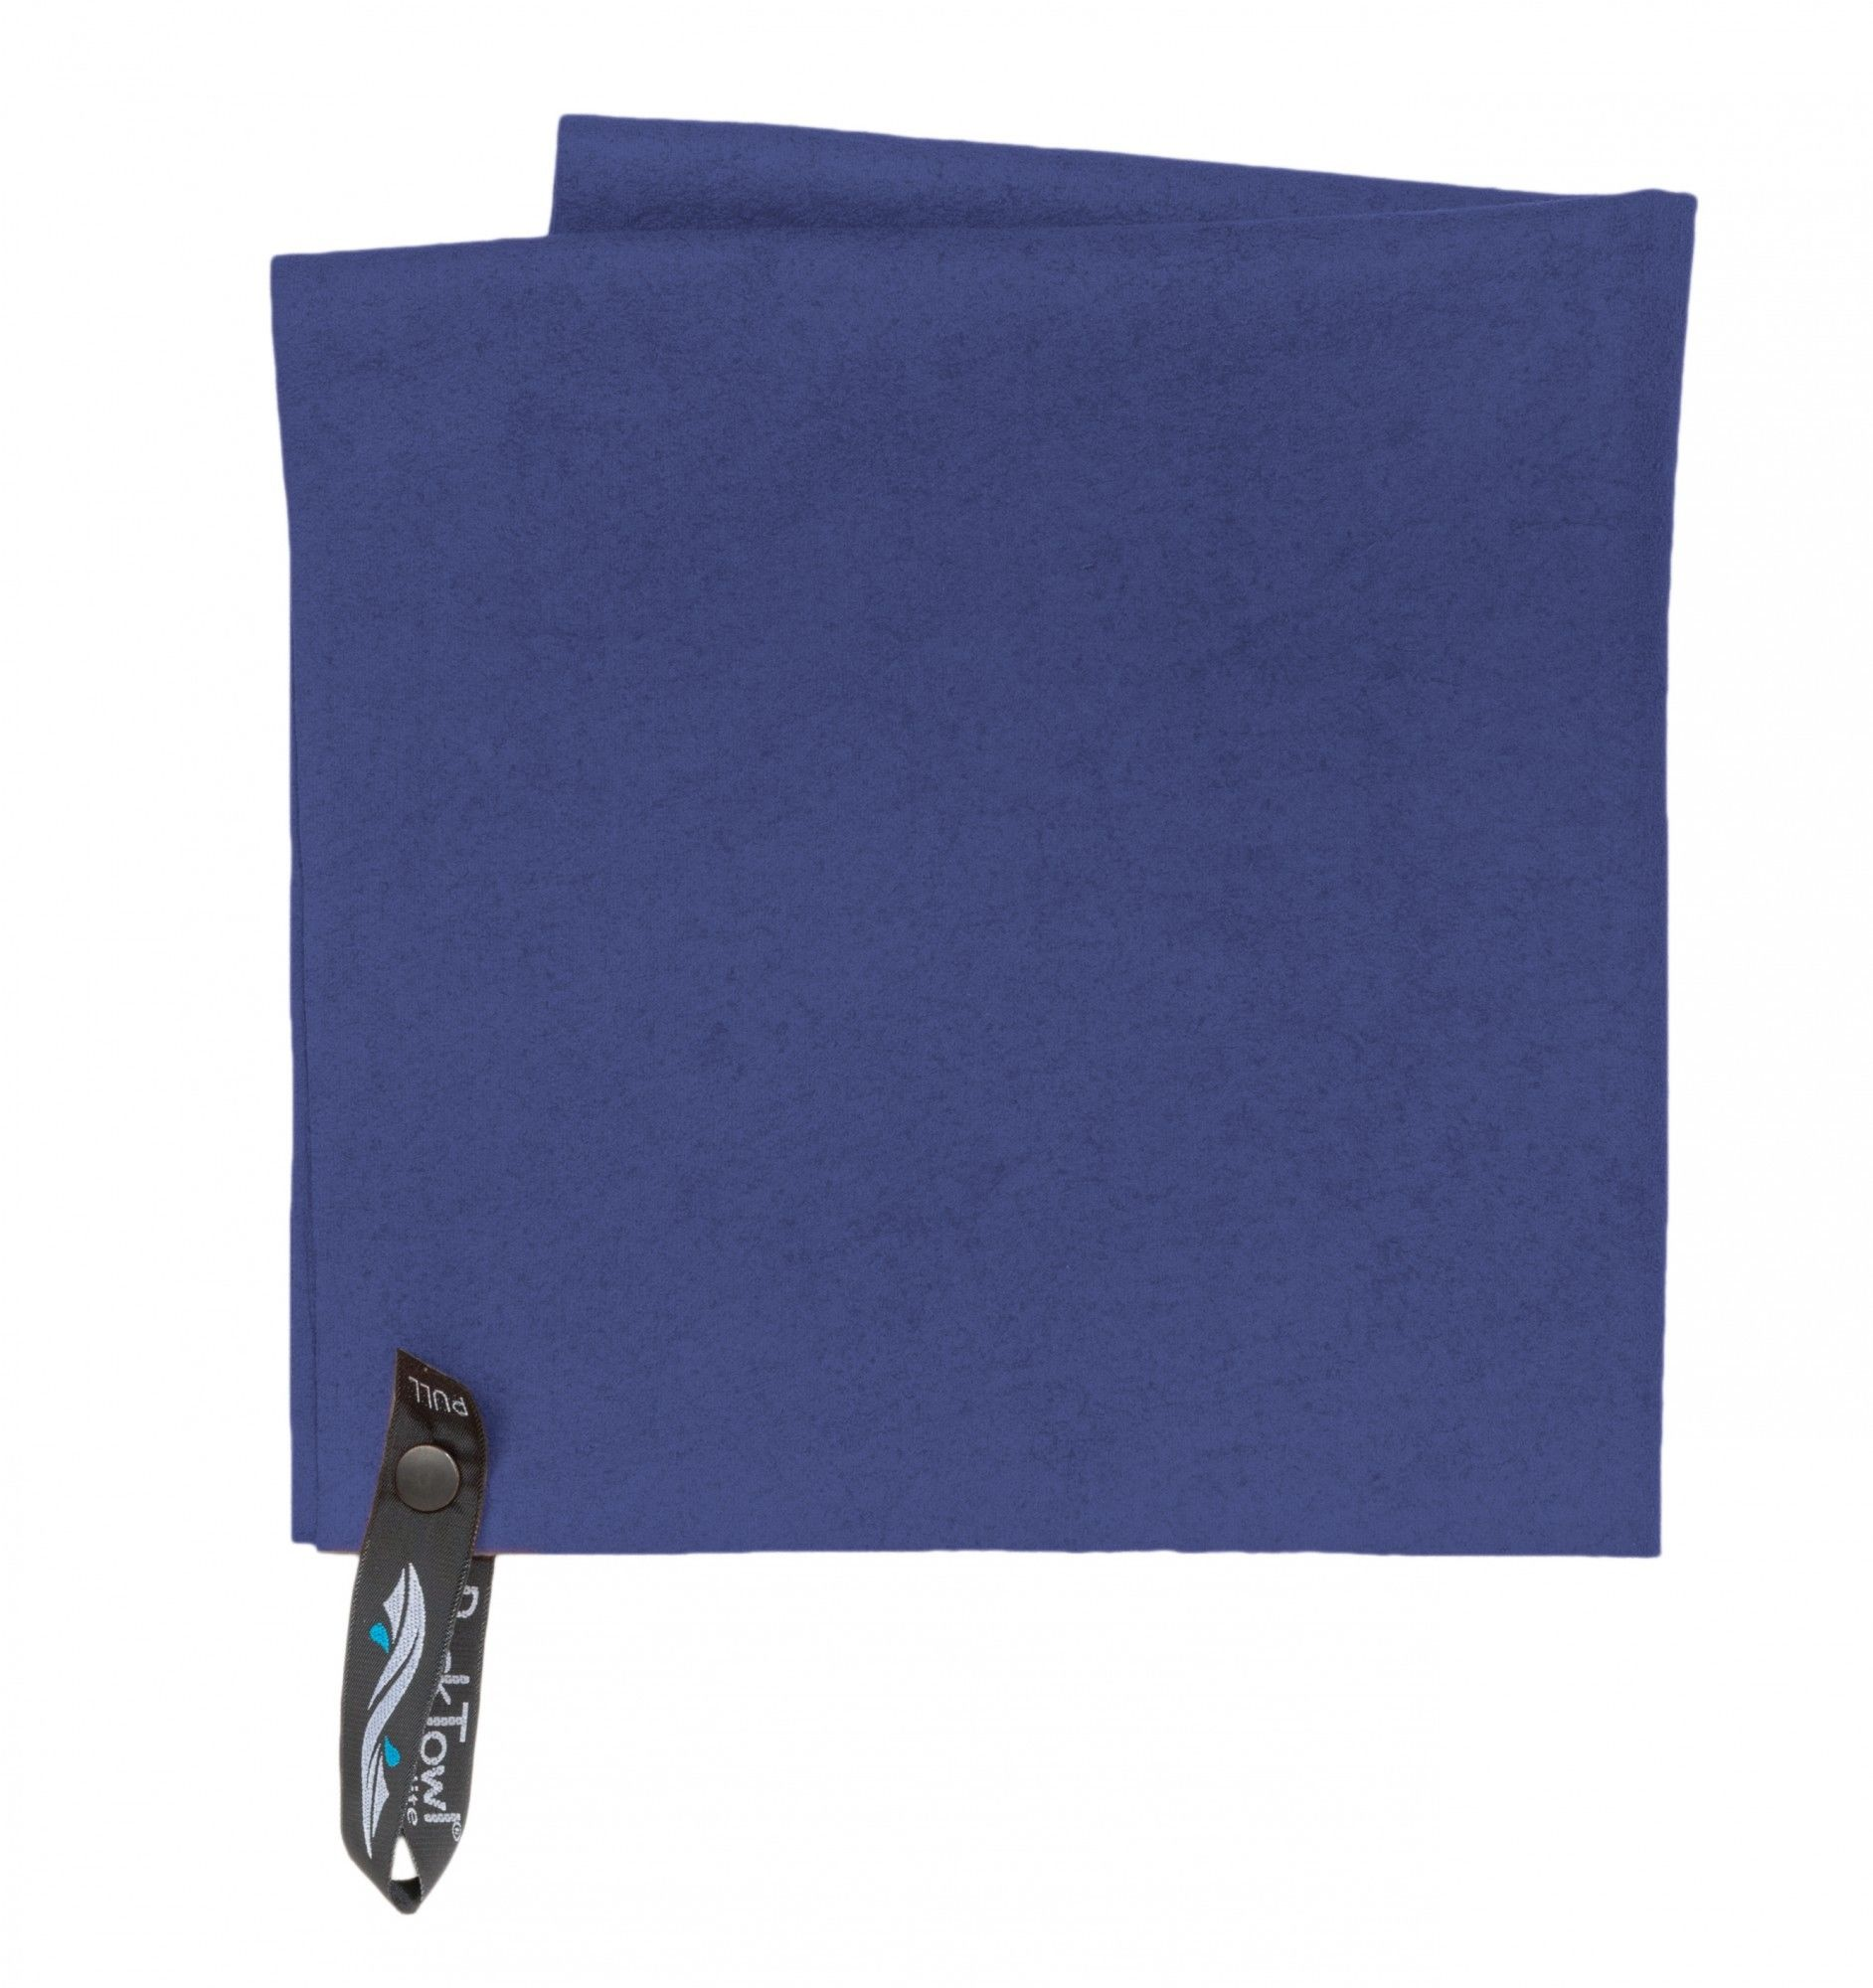 PackTowl Ultralite S-Gesicht Blau, Outdoor-Hygiene, One Size